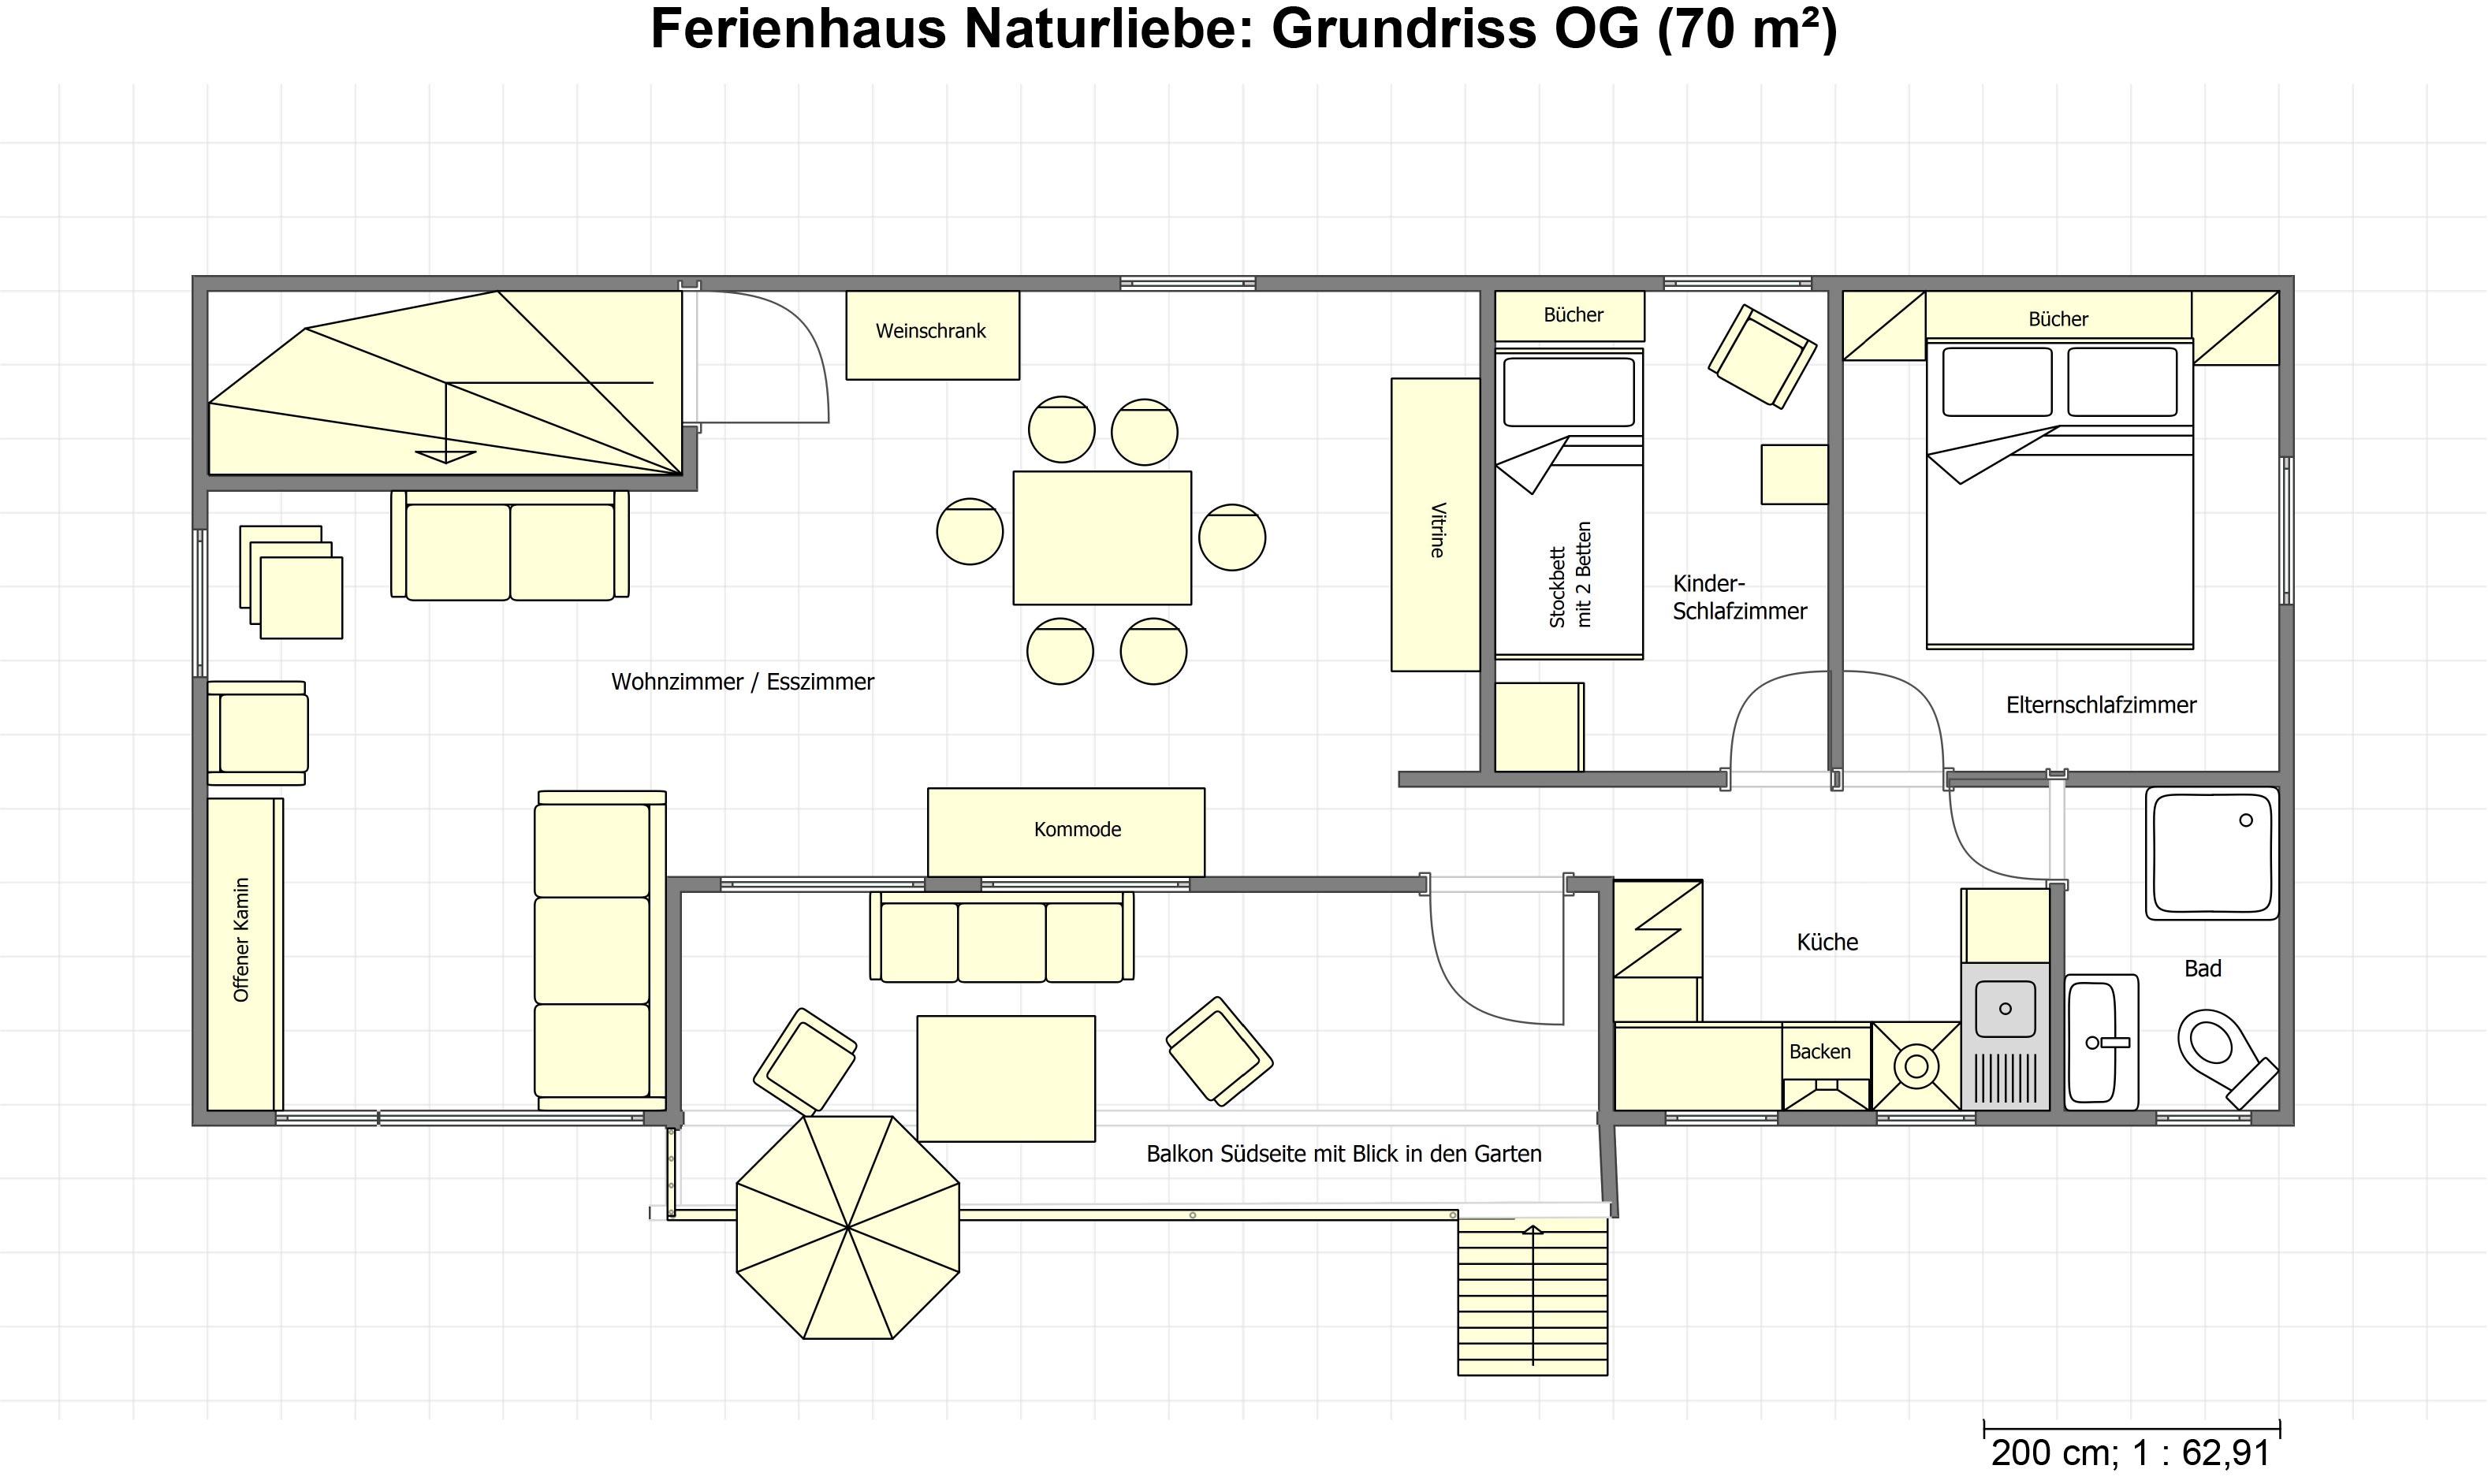 Grundriss Ferienhaus Naturliebe OG, Ferienhaus im Wald mit Hund mieten, Alleinlage, Ferienhaus natur